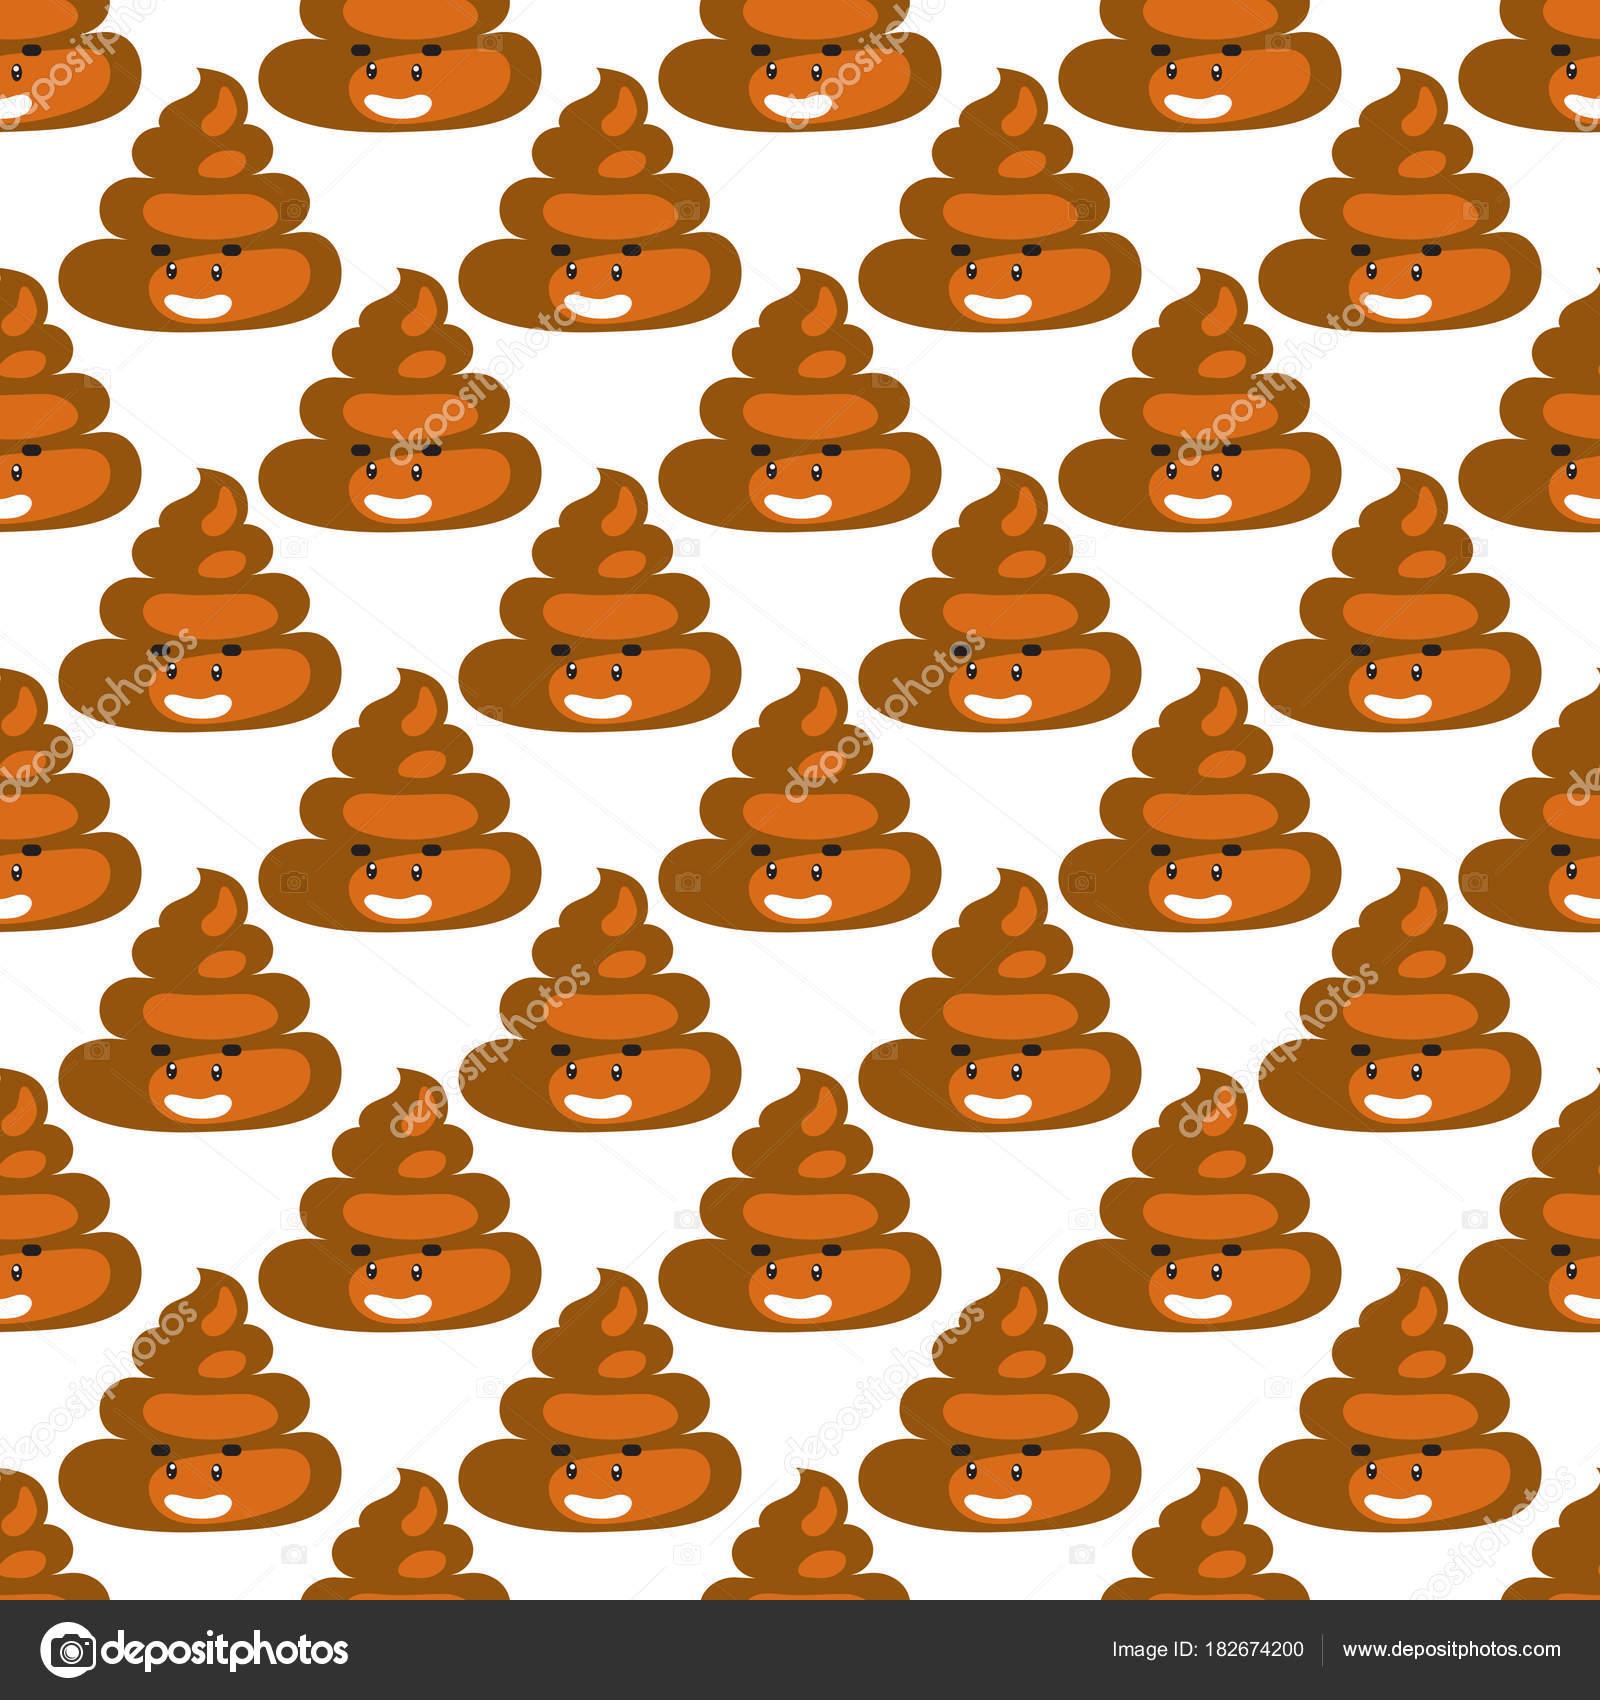 Poop Emoticon Stock Vectors Royalty Free Poop Emoticon